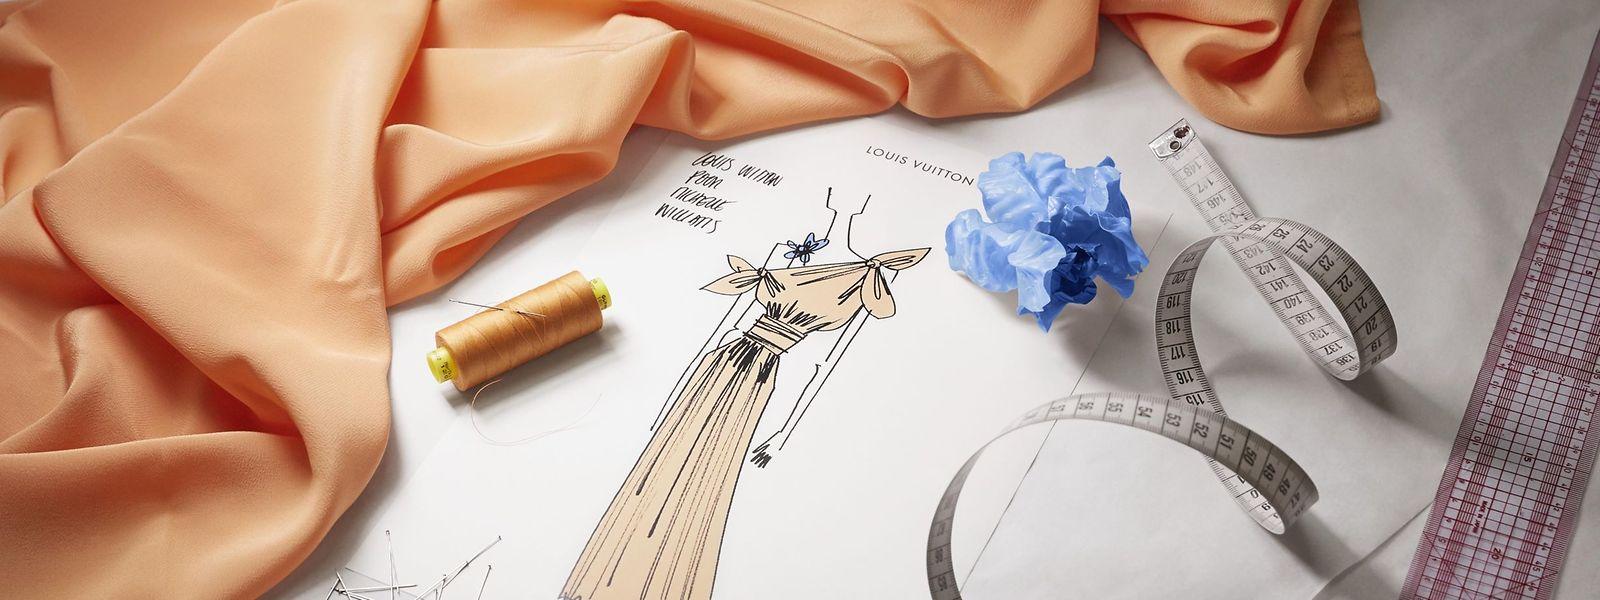 Von der Skizze zum fertigen Traumkleid - Louis Vuitton gewährte Einblick.